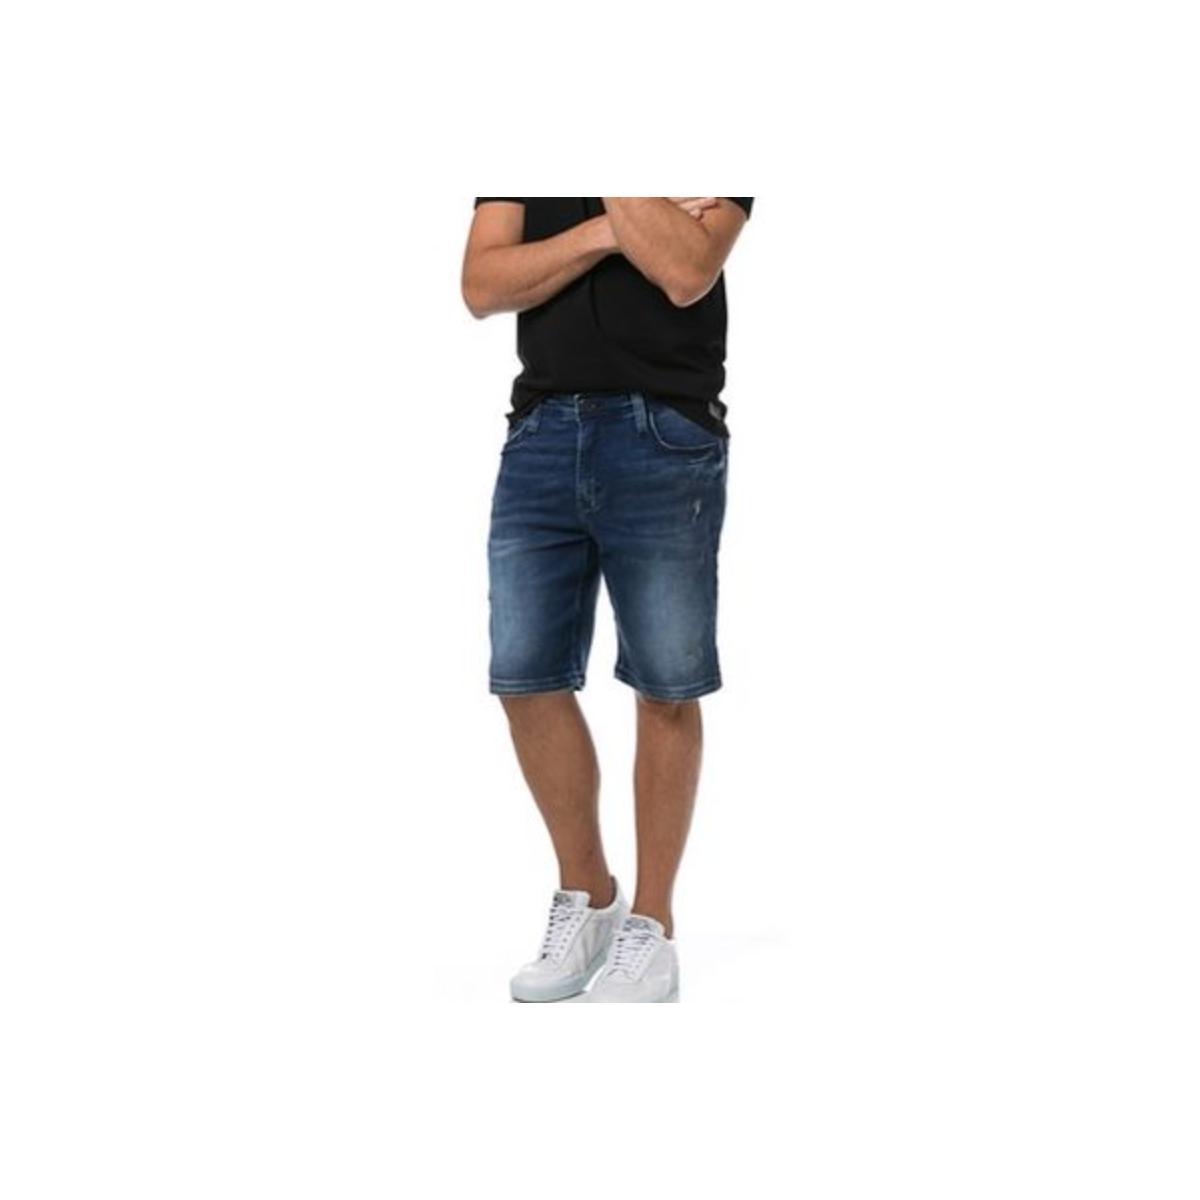 Bermuda Masculina Colcci 30102308 600 Jeans